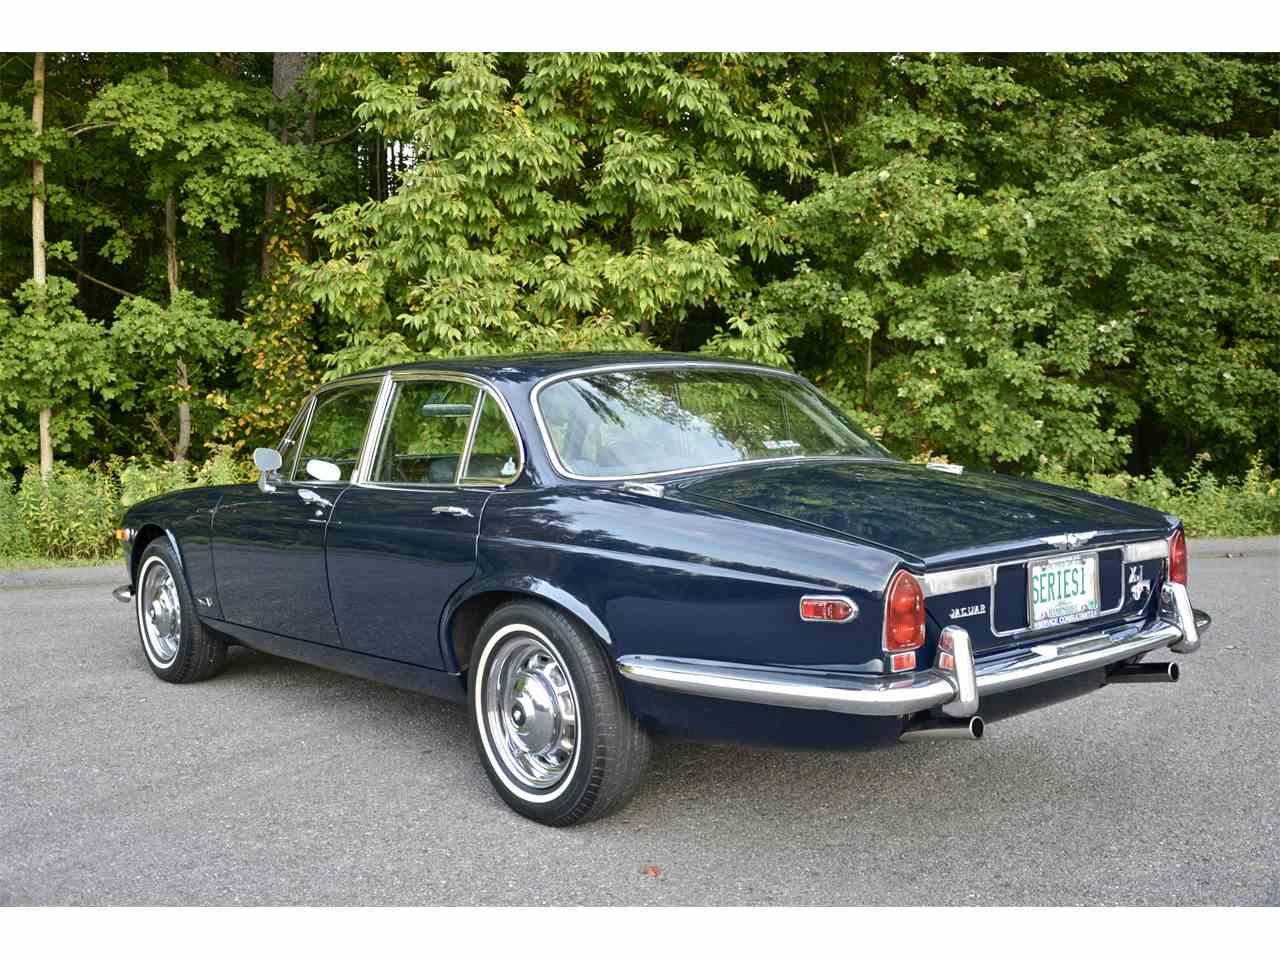 1971 Jaguar XJ6 for Sale | ClassicCars.com | CC-1029316